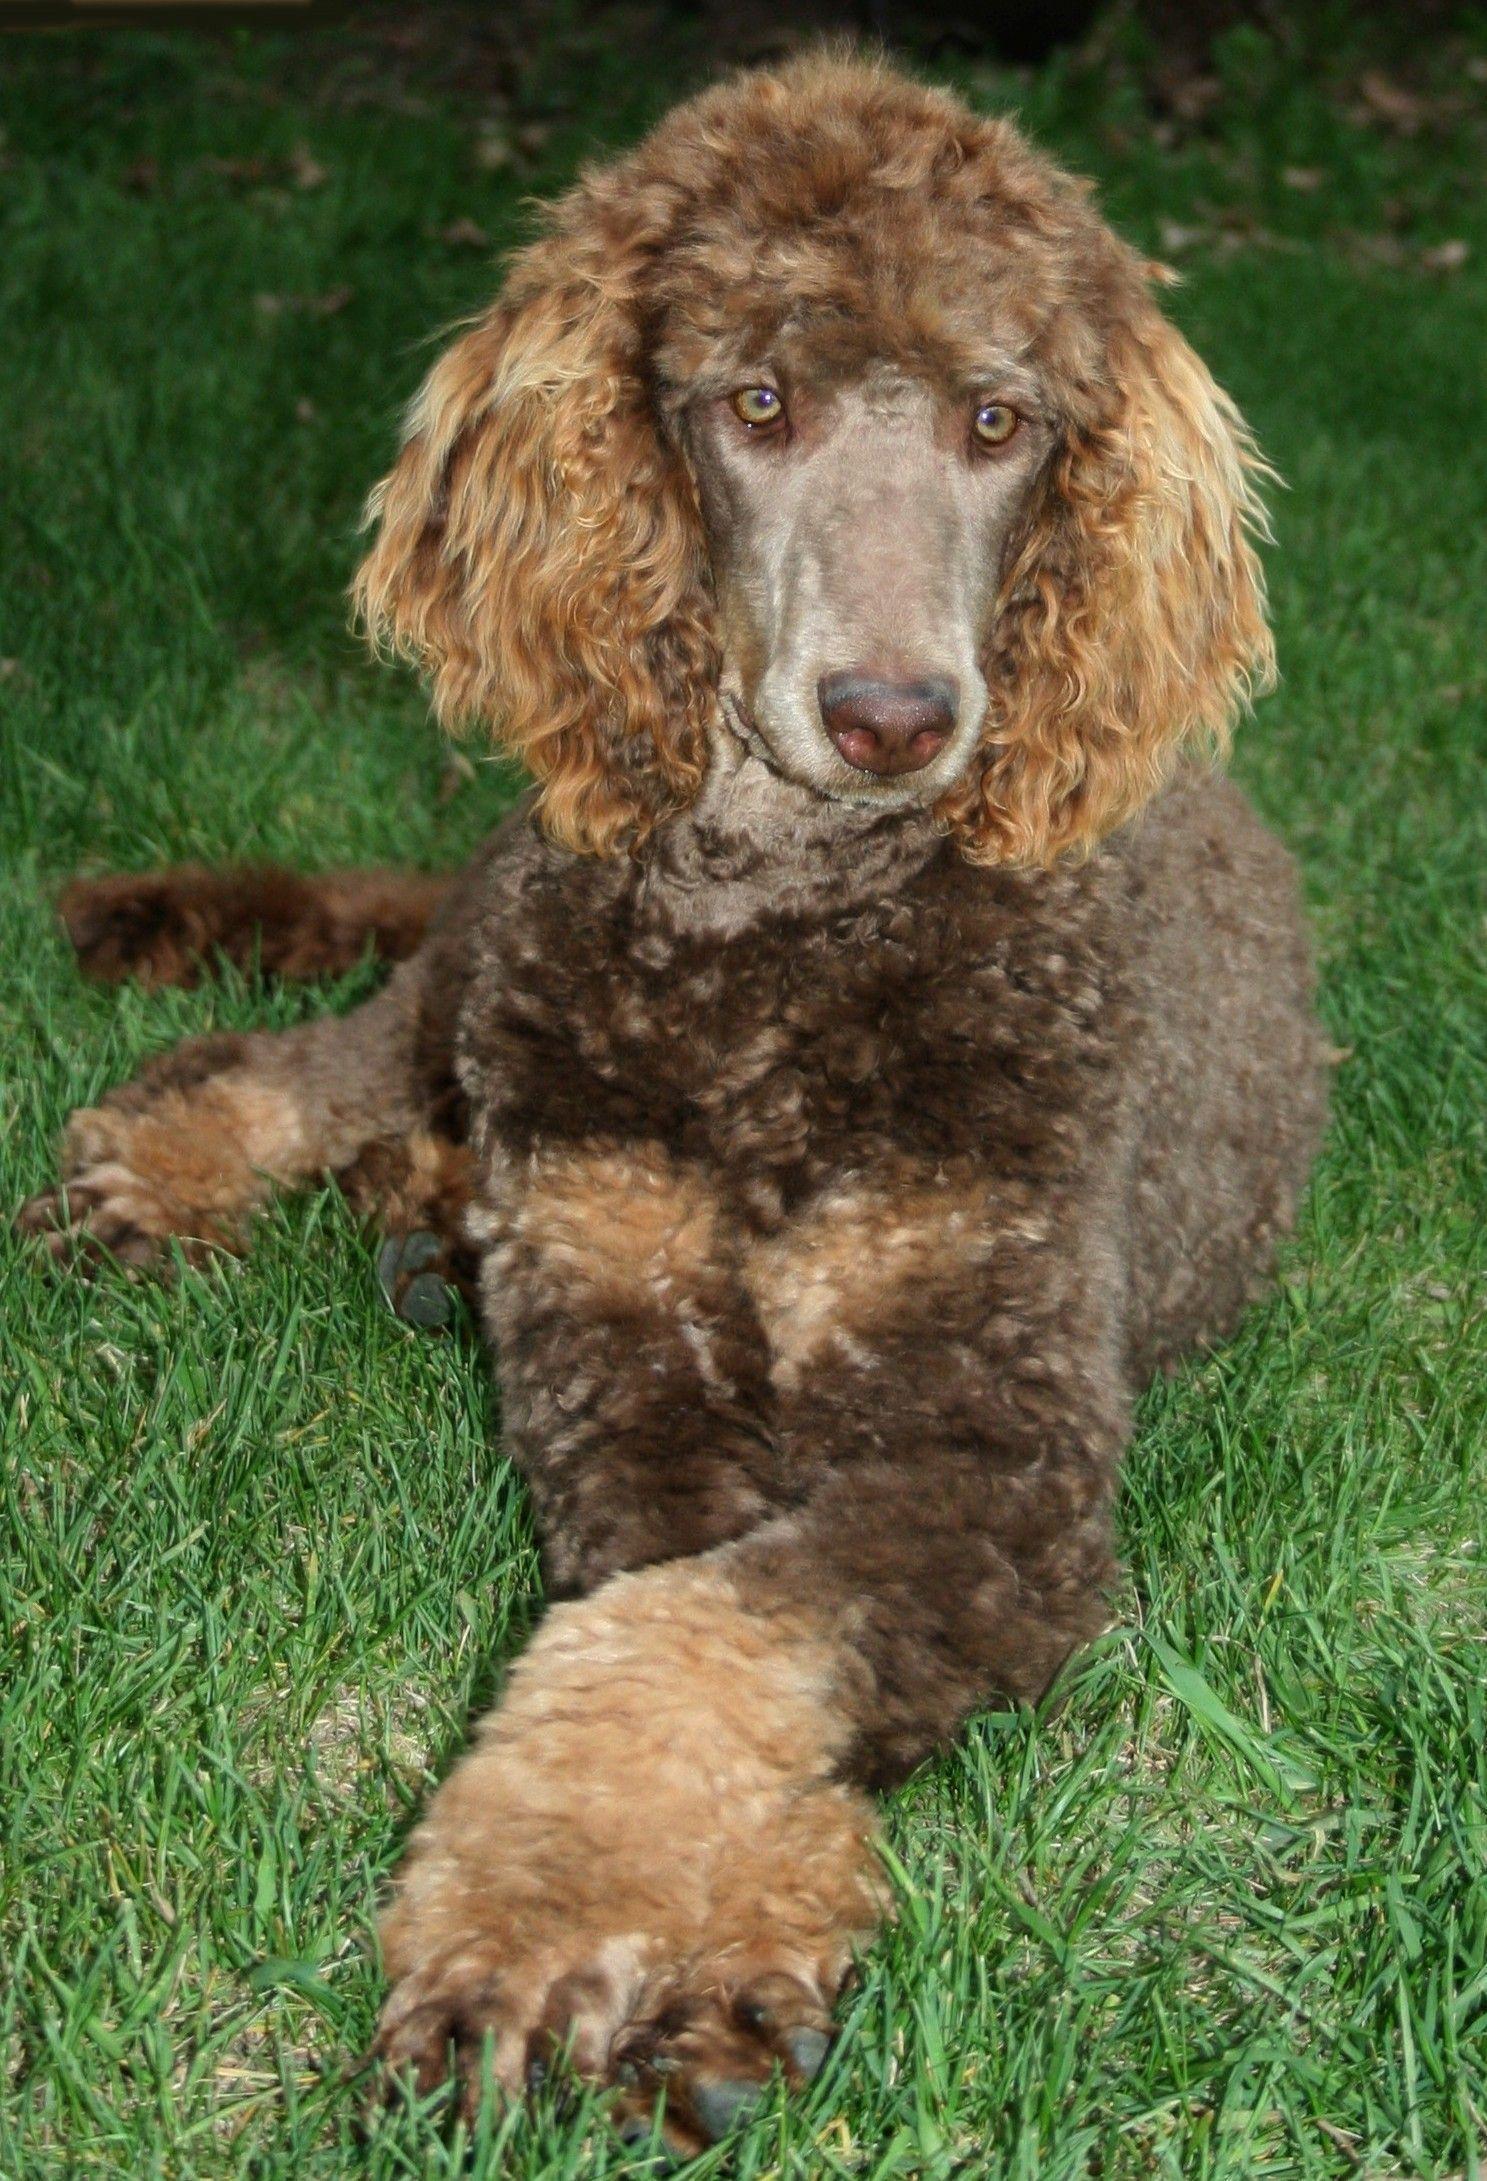 Carson Standard Poodles Our dog Daisy, a cafe au lait